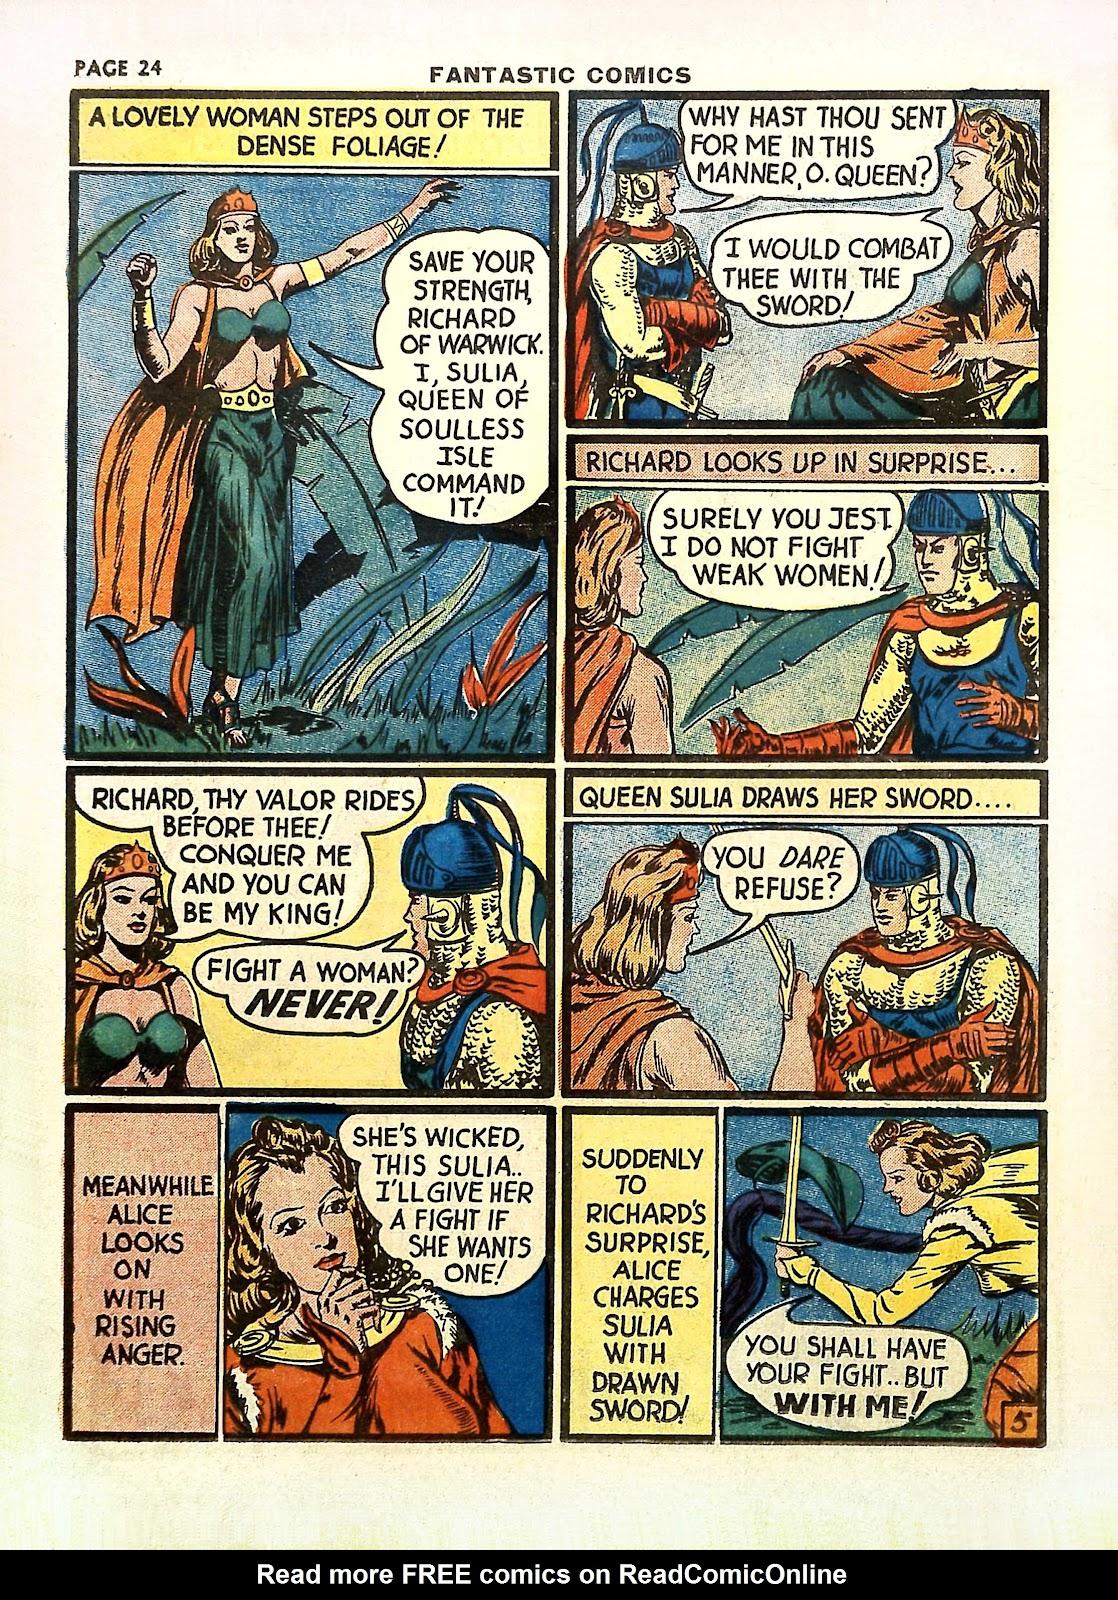 Read online Fantastic Comics comic -  Issue #11 - 27